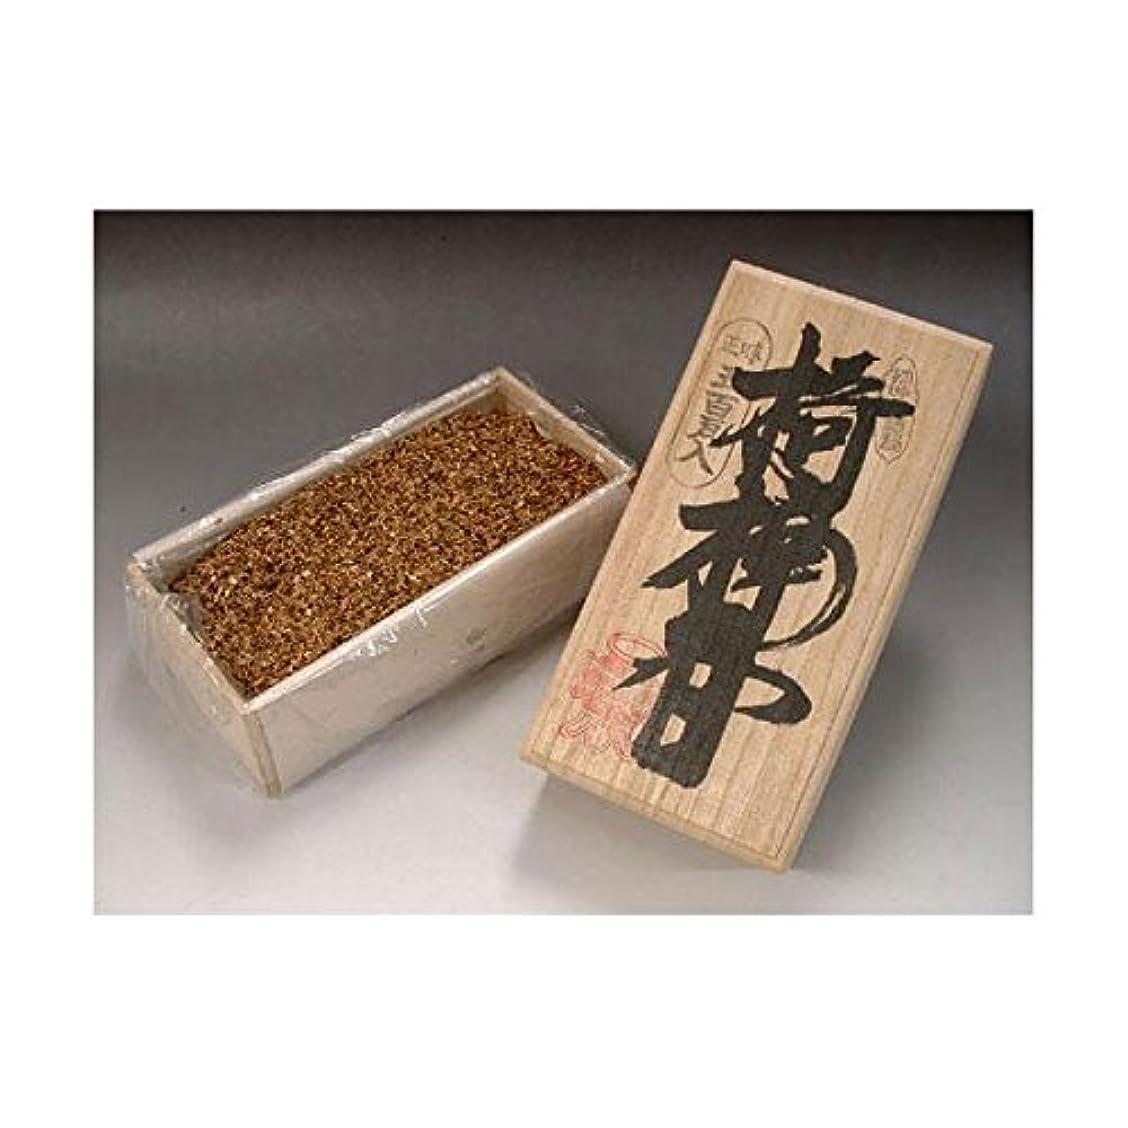 ジェム伝統複合焼香 椅楠香(キナンコウ)500g桐箱入